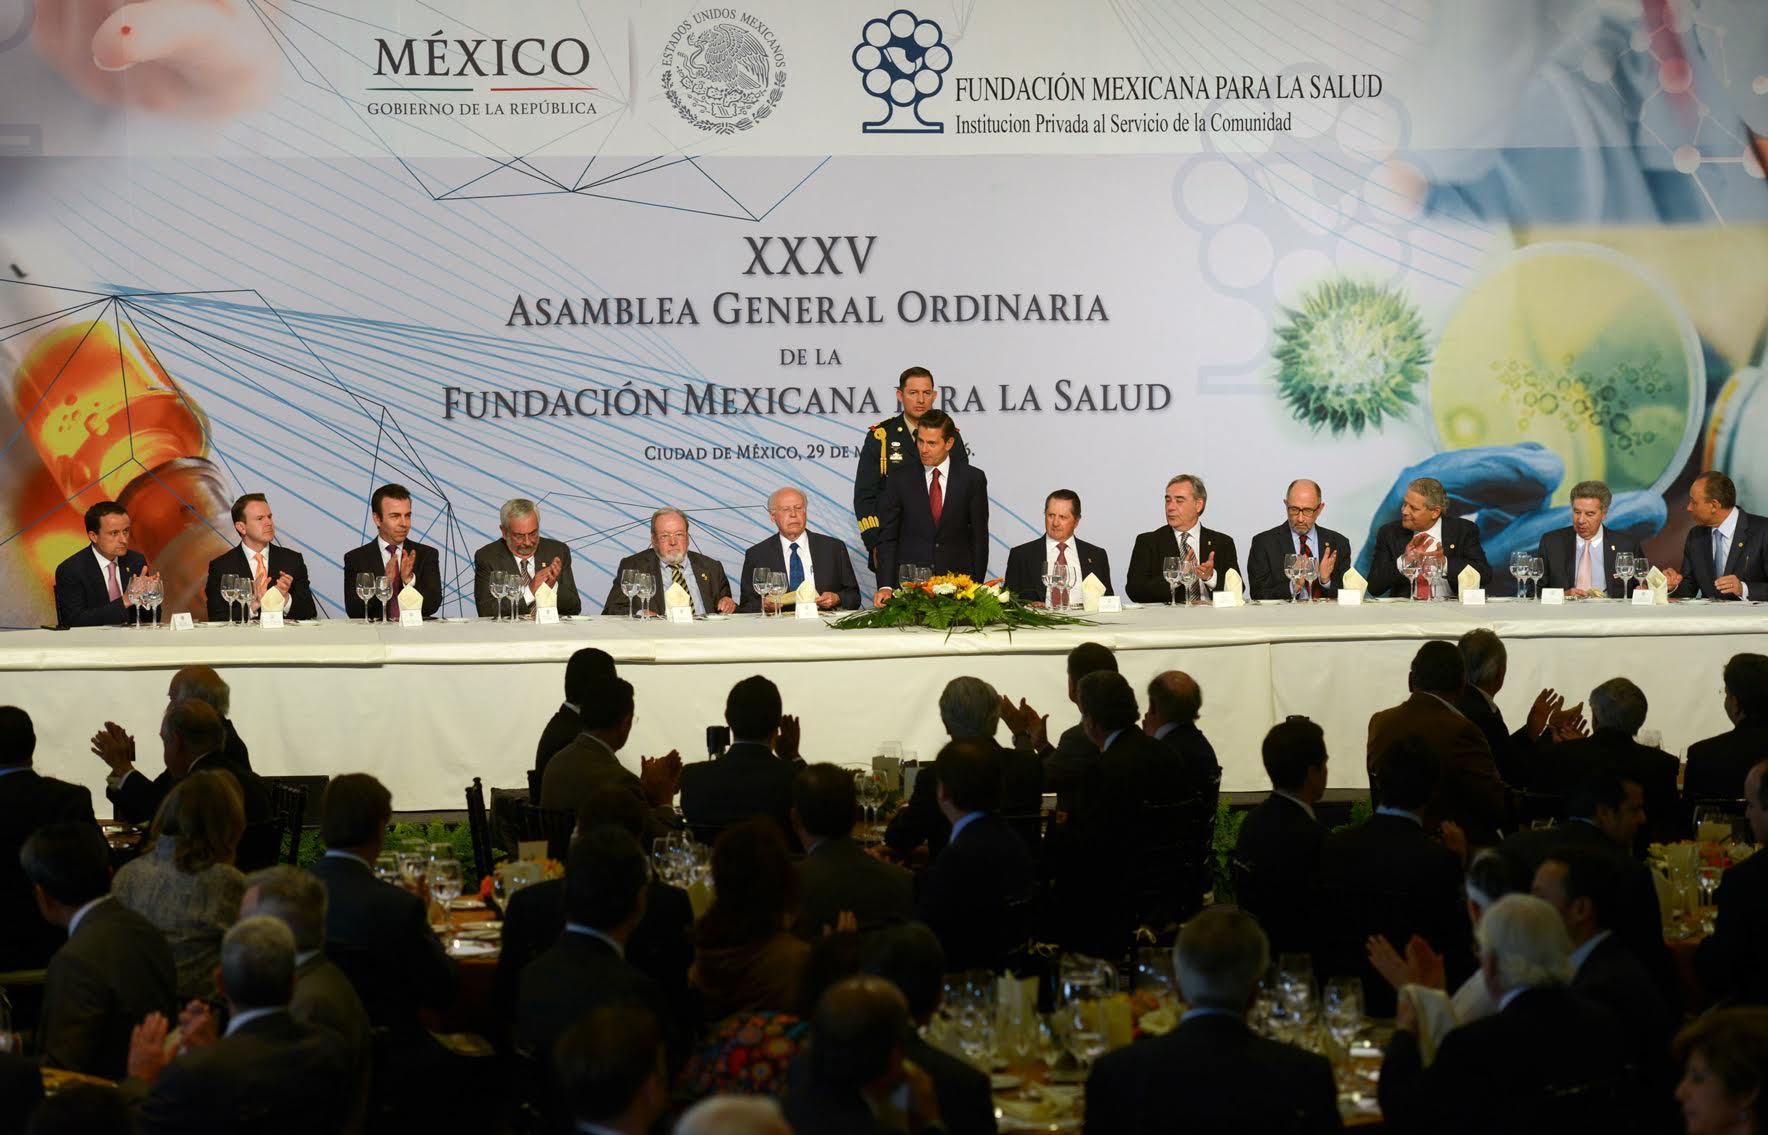 35ª Asamblea General Ordinaria de la Fundación Mexicana para la Salud.